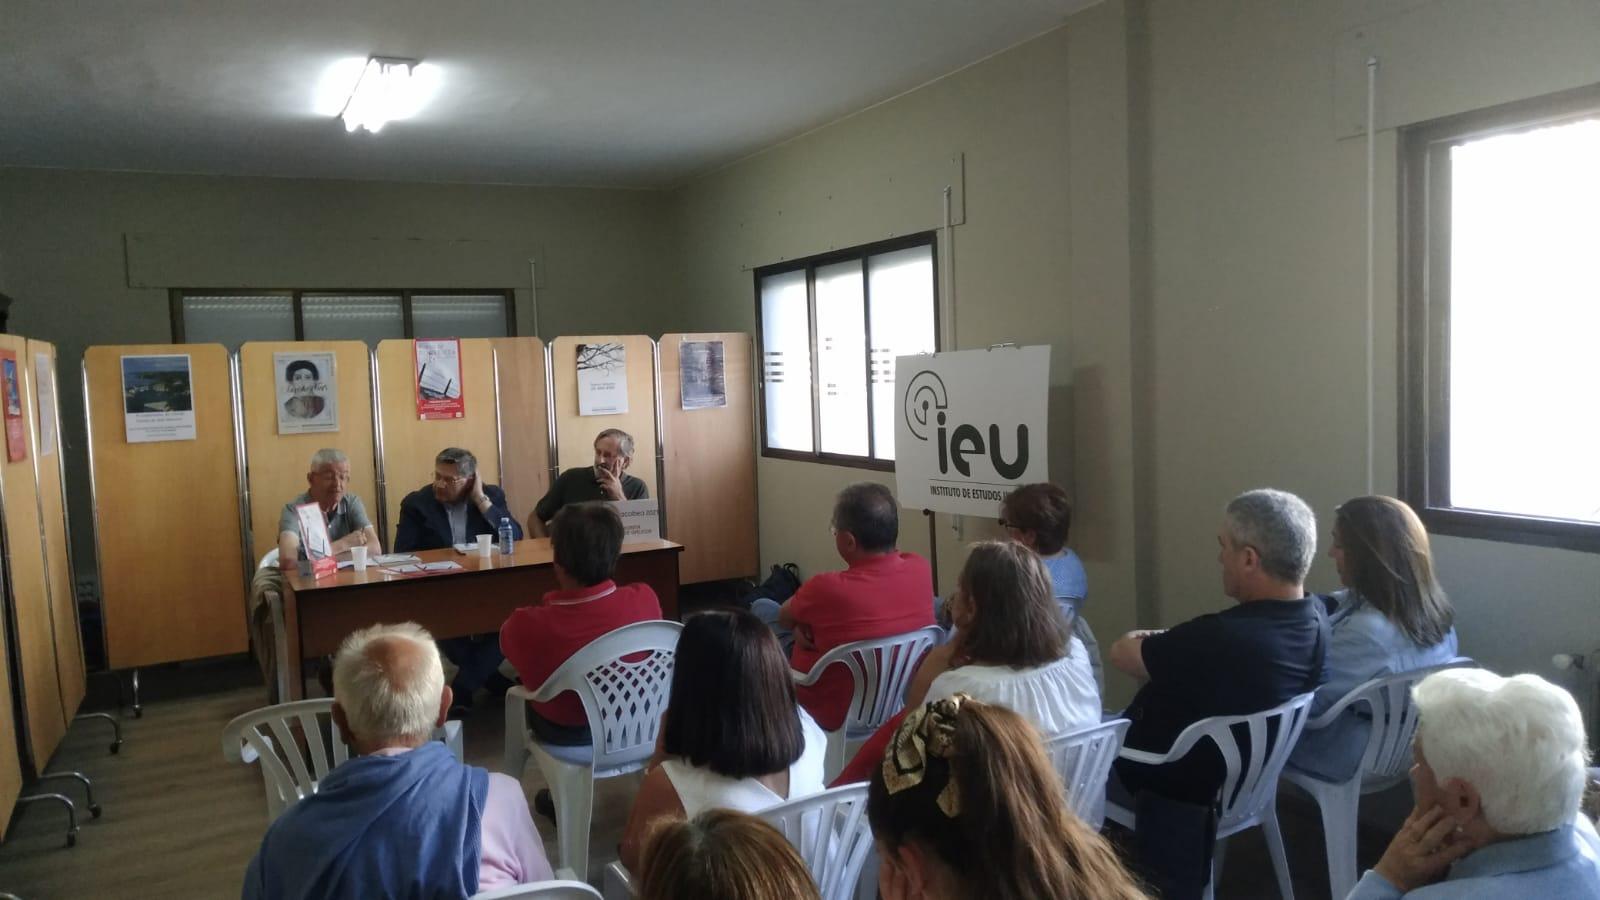 Presentación Fuxir de Proxeria, Manuel Blanco Desar, Xavier Senín, Francisco Pardo, Instituto de Estudos Ulloáns